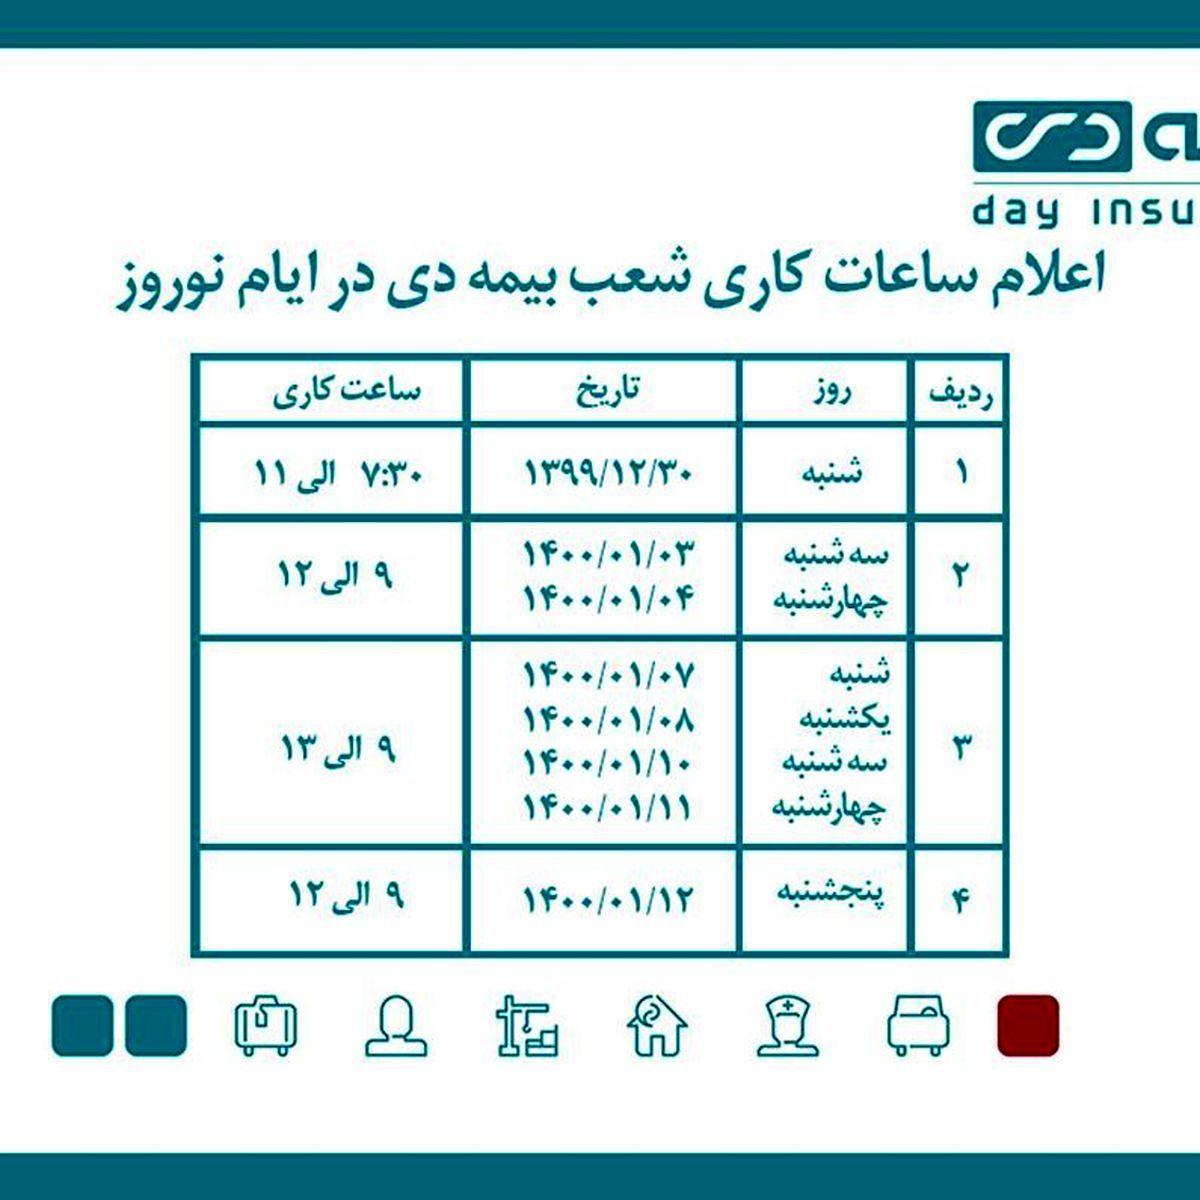 اعلام ساعات کاری شعب بیمه دی در ایام تعطیلات نوروز